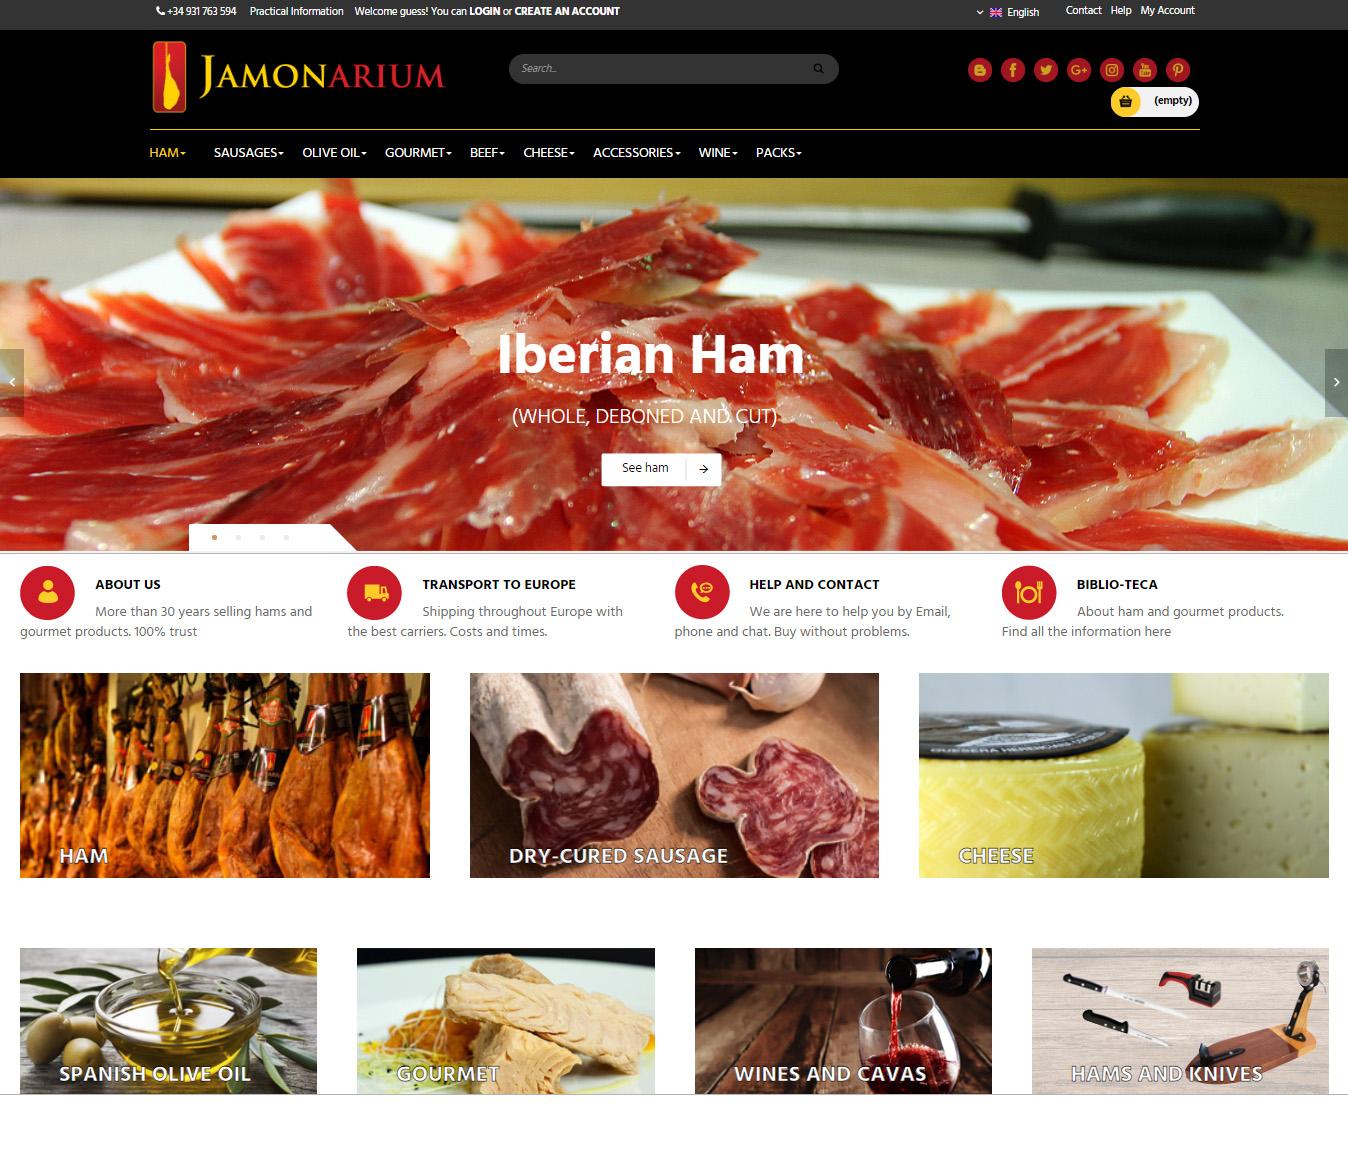 Millorem la nostra botiga online de venda de pernils i embotits ibèrics